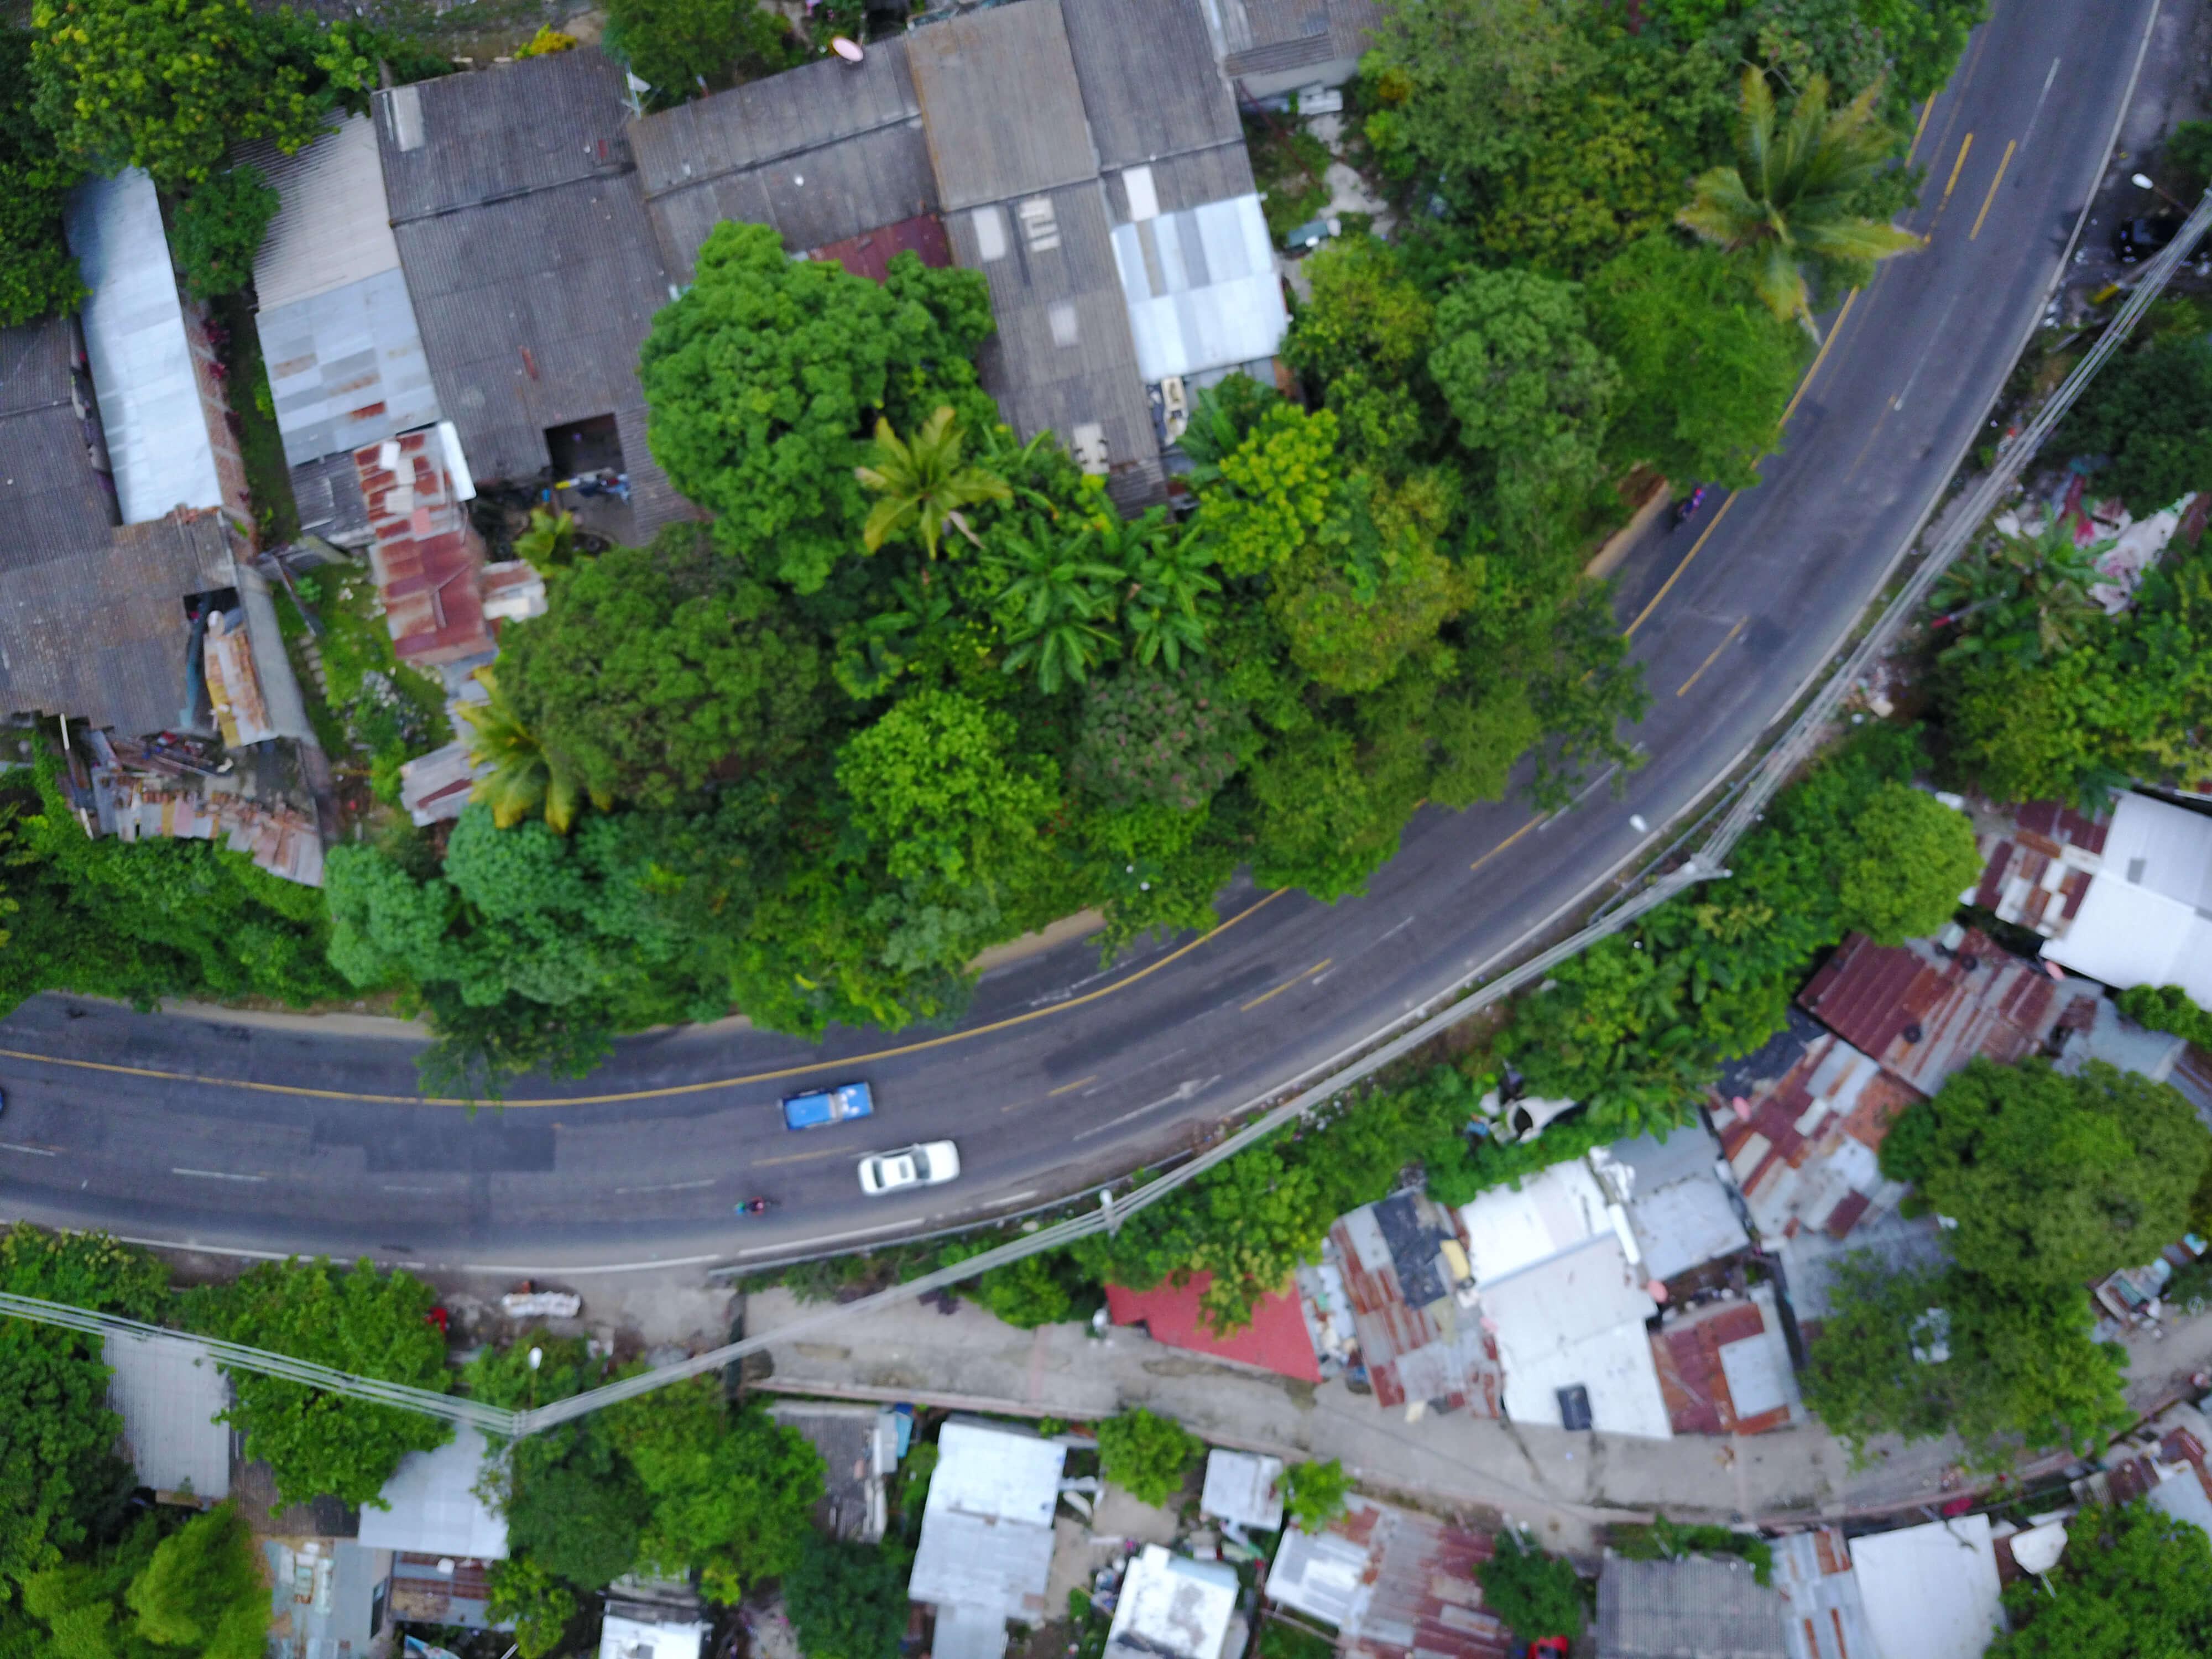 levantamiento topográfico con dron Alfa Geomatics